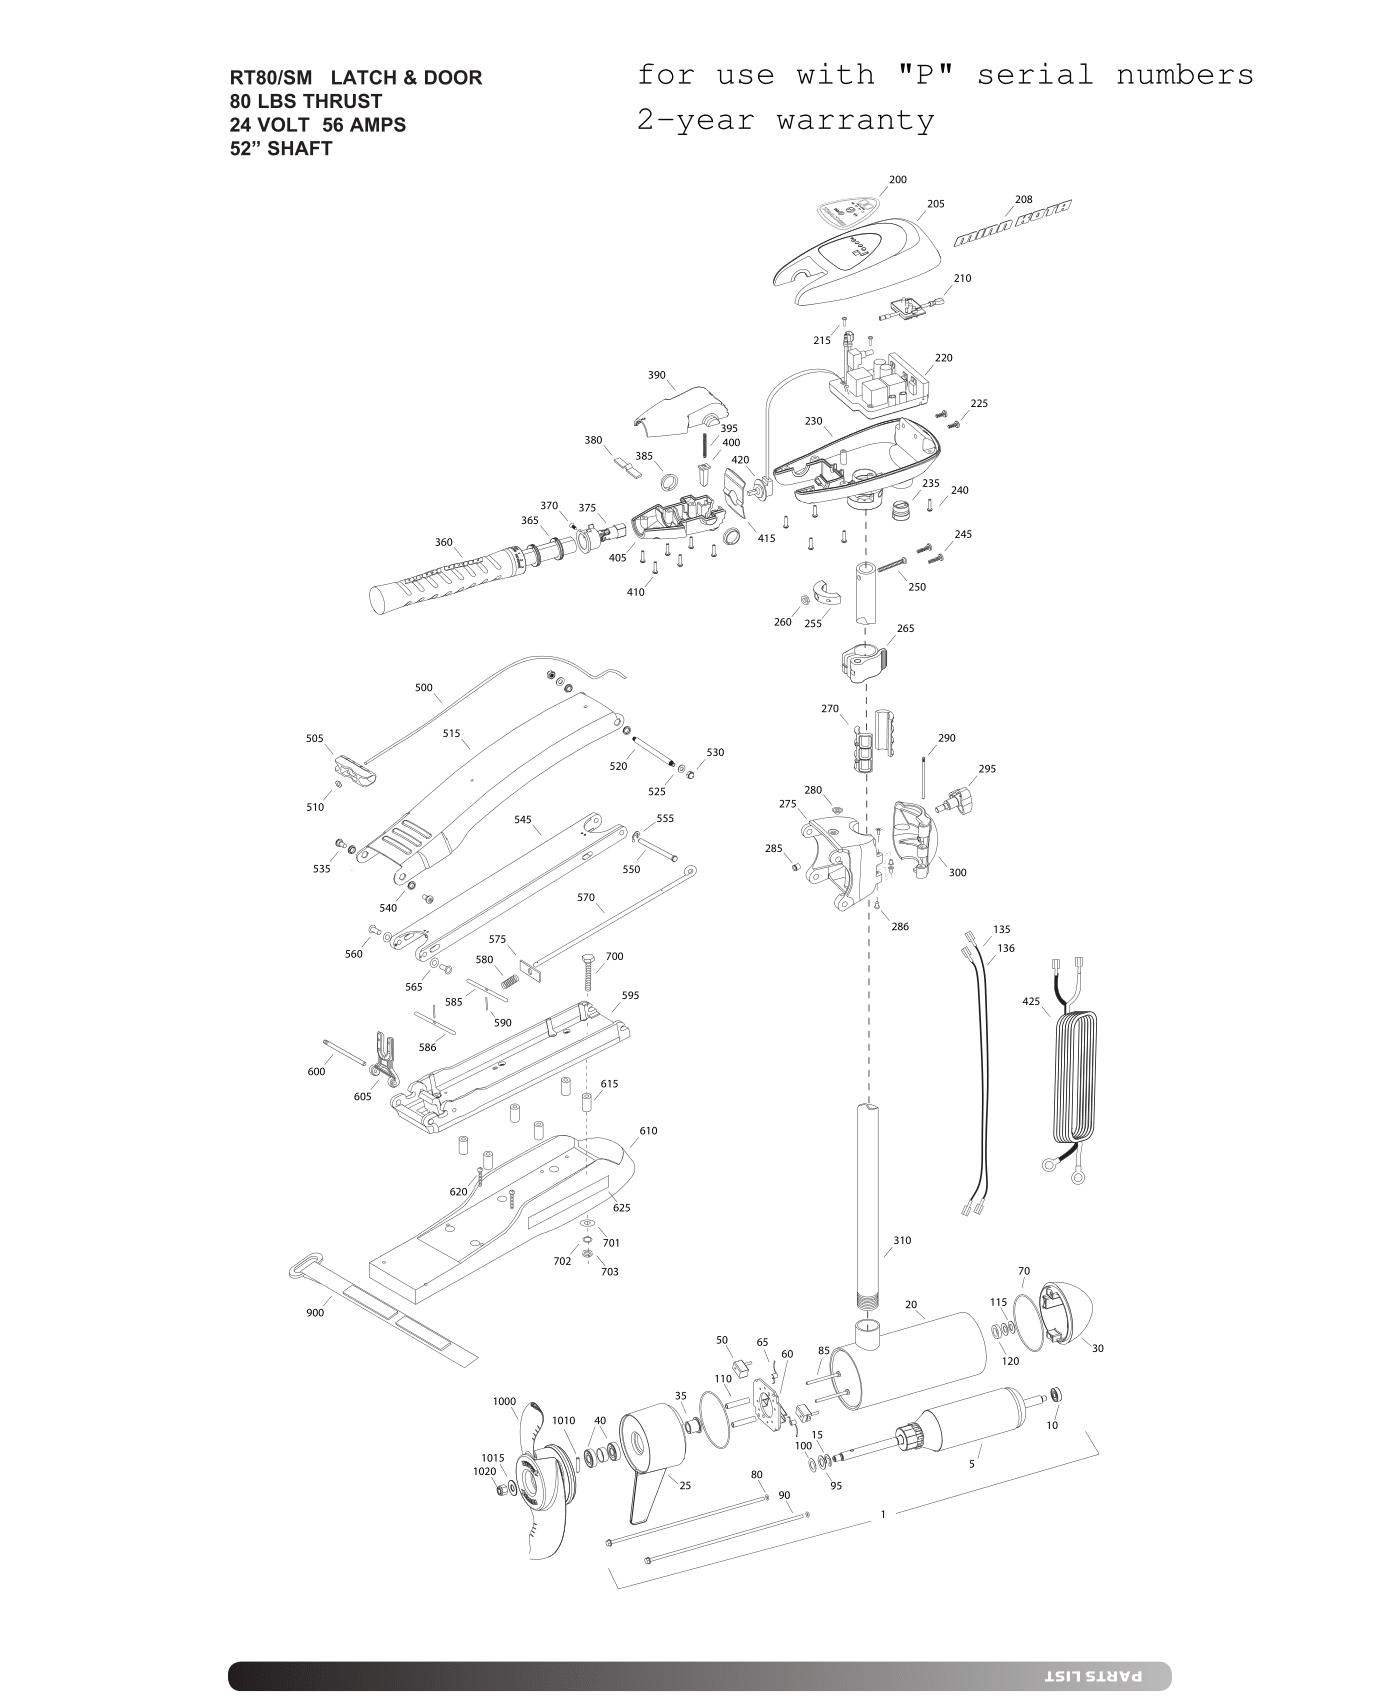 2015-mk-riptide80smlatch-door-1.png